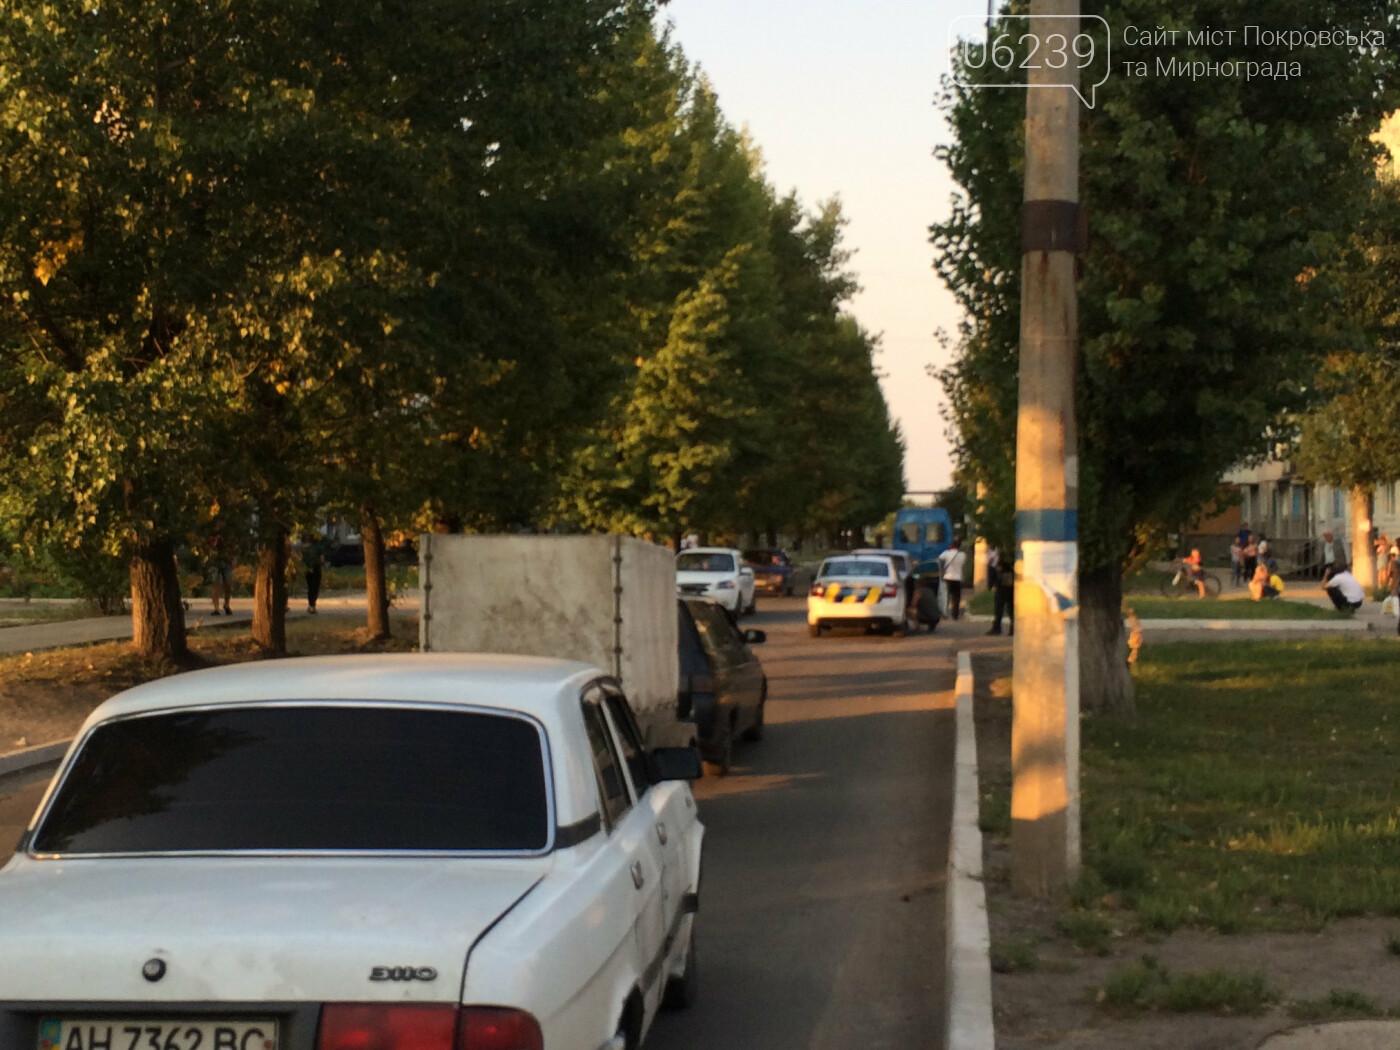 Вчера в Мирнограде произошло ДТП, столкнулись легковушка и мотороллер , фото-1